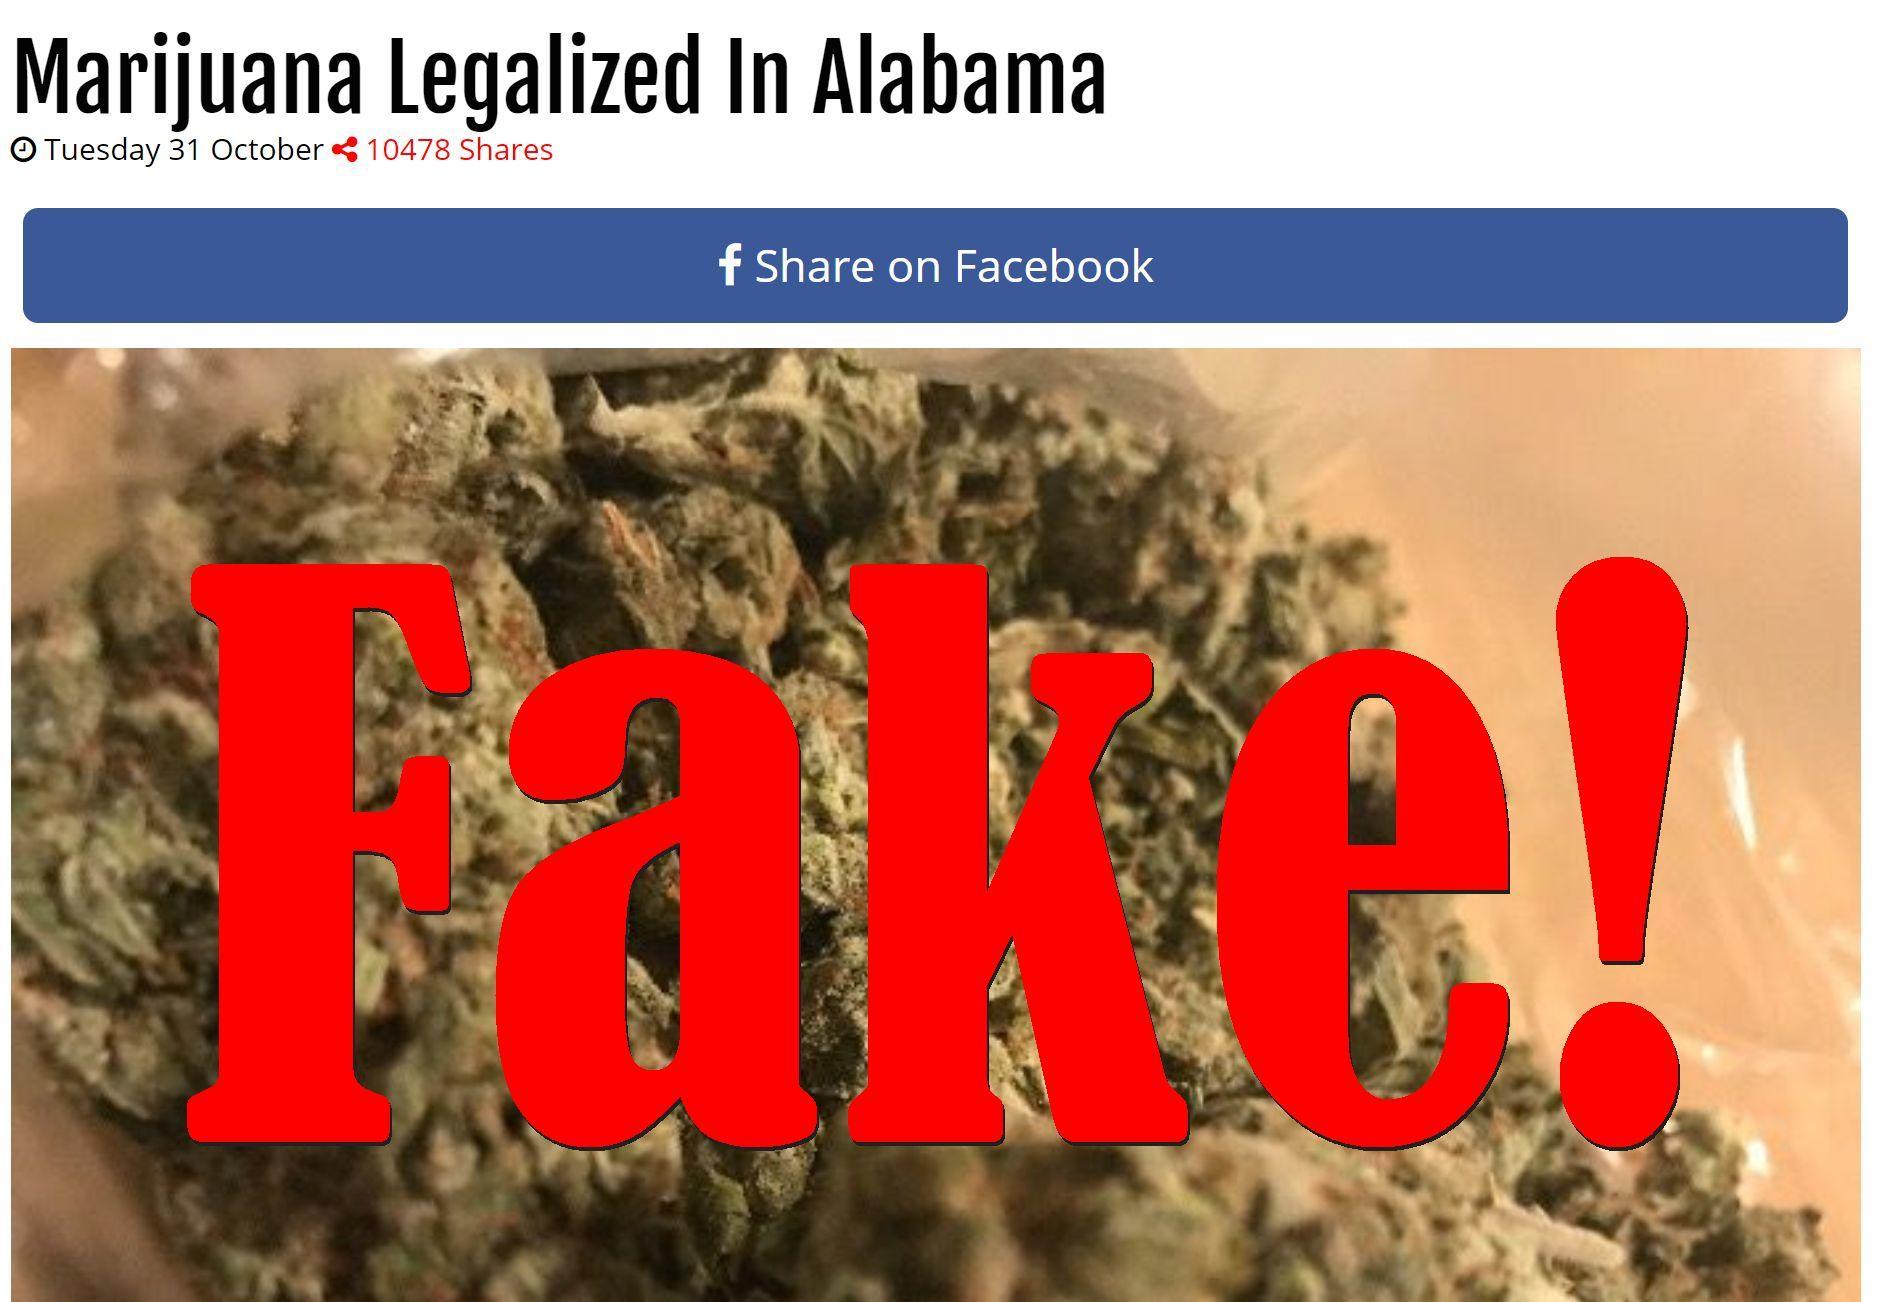 Fake News: Marijuana NOT Legalized In Alabama Either